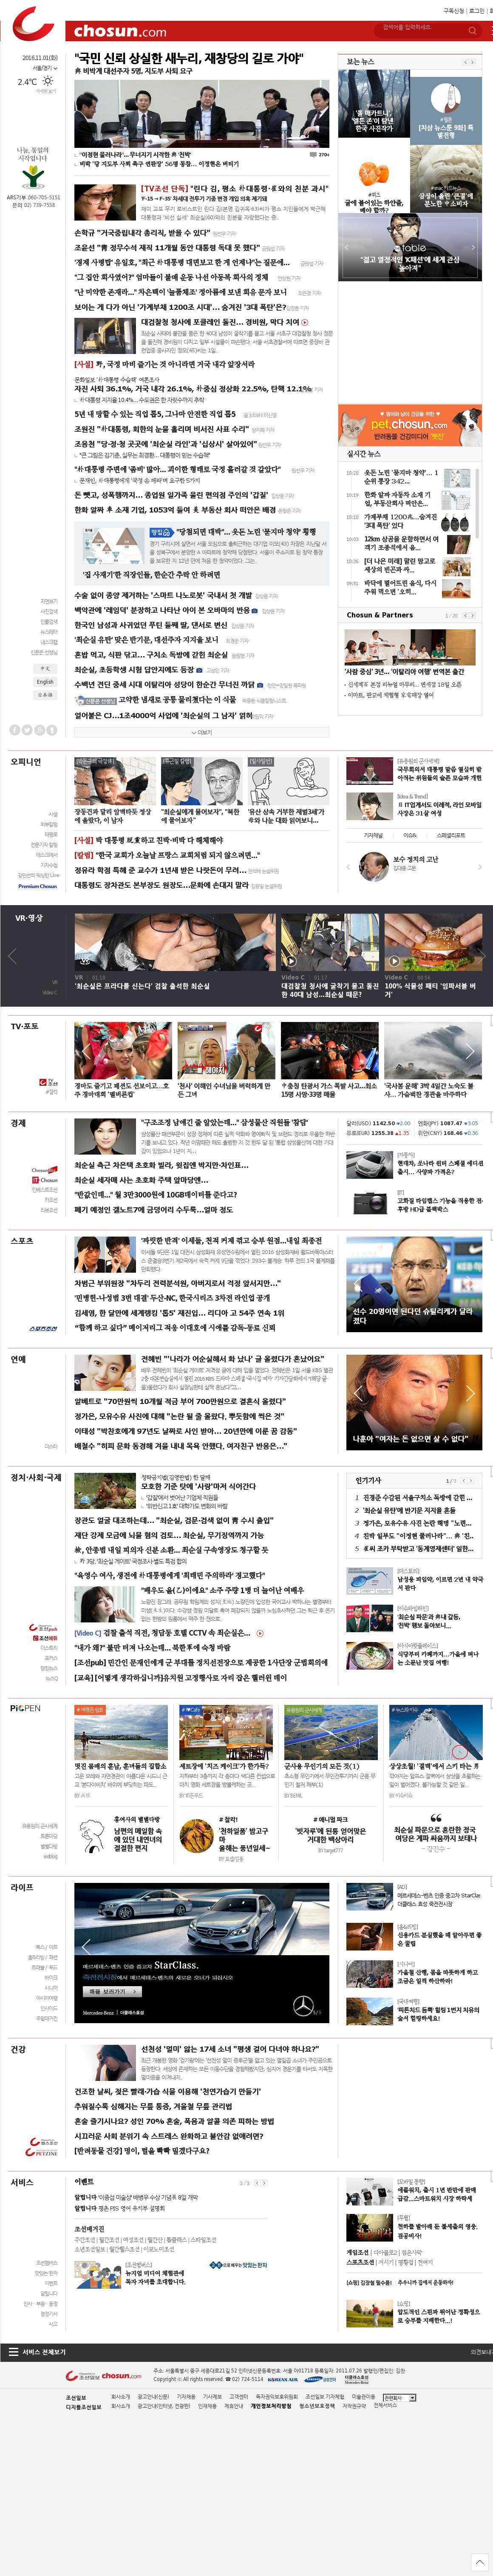 chosun.com at Tuesday Nov. 1, 2016, 12:02 p.m. UTC